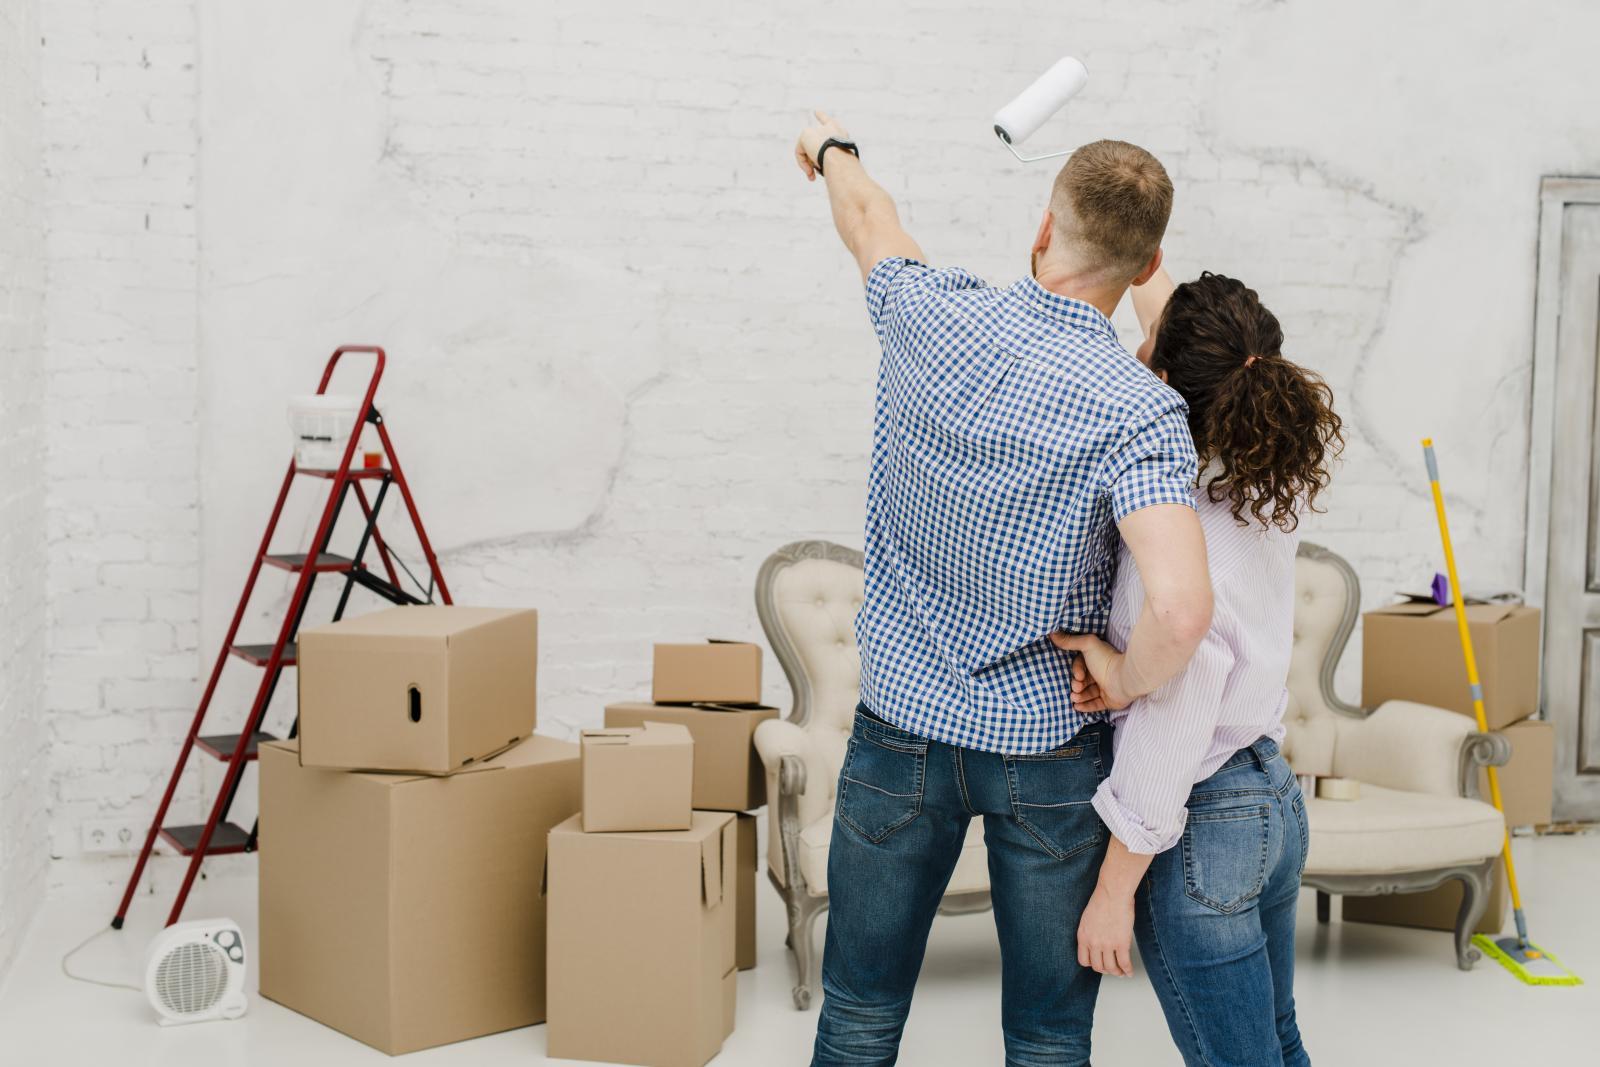 1 người đàn ông và 1 người phụ nữ đang chỉ vào bức tường của căn phòng, xung quanh là dụng cụ sửa chữa nhà